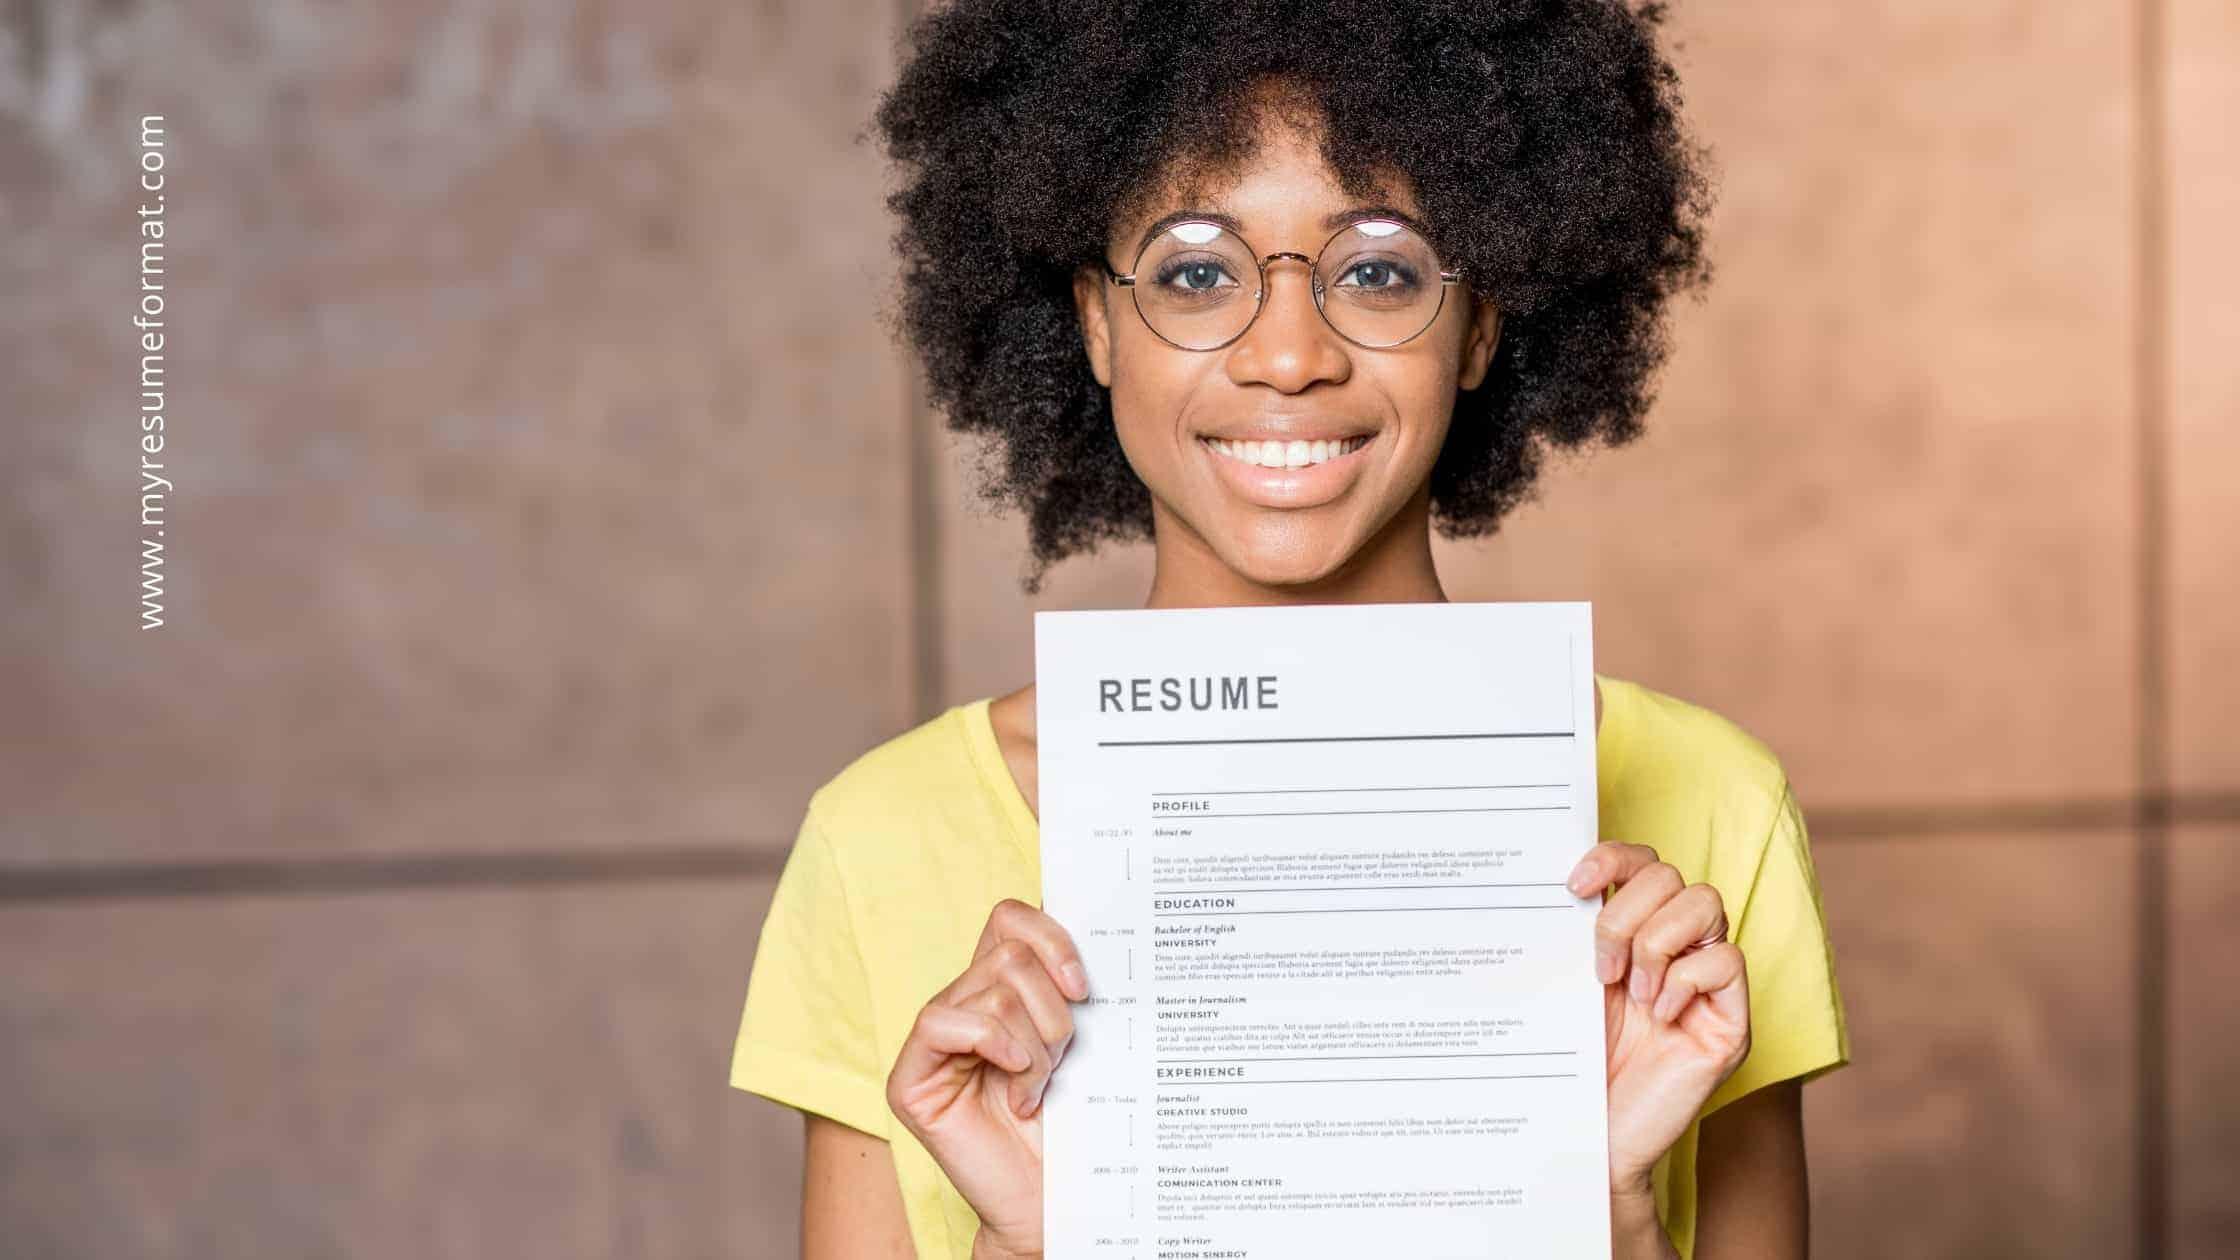 GPA on Resume